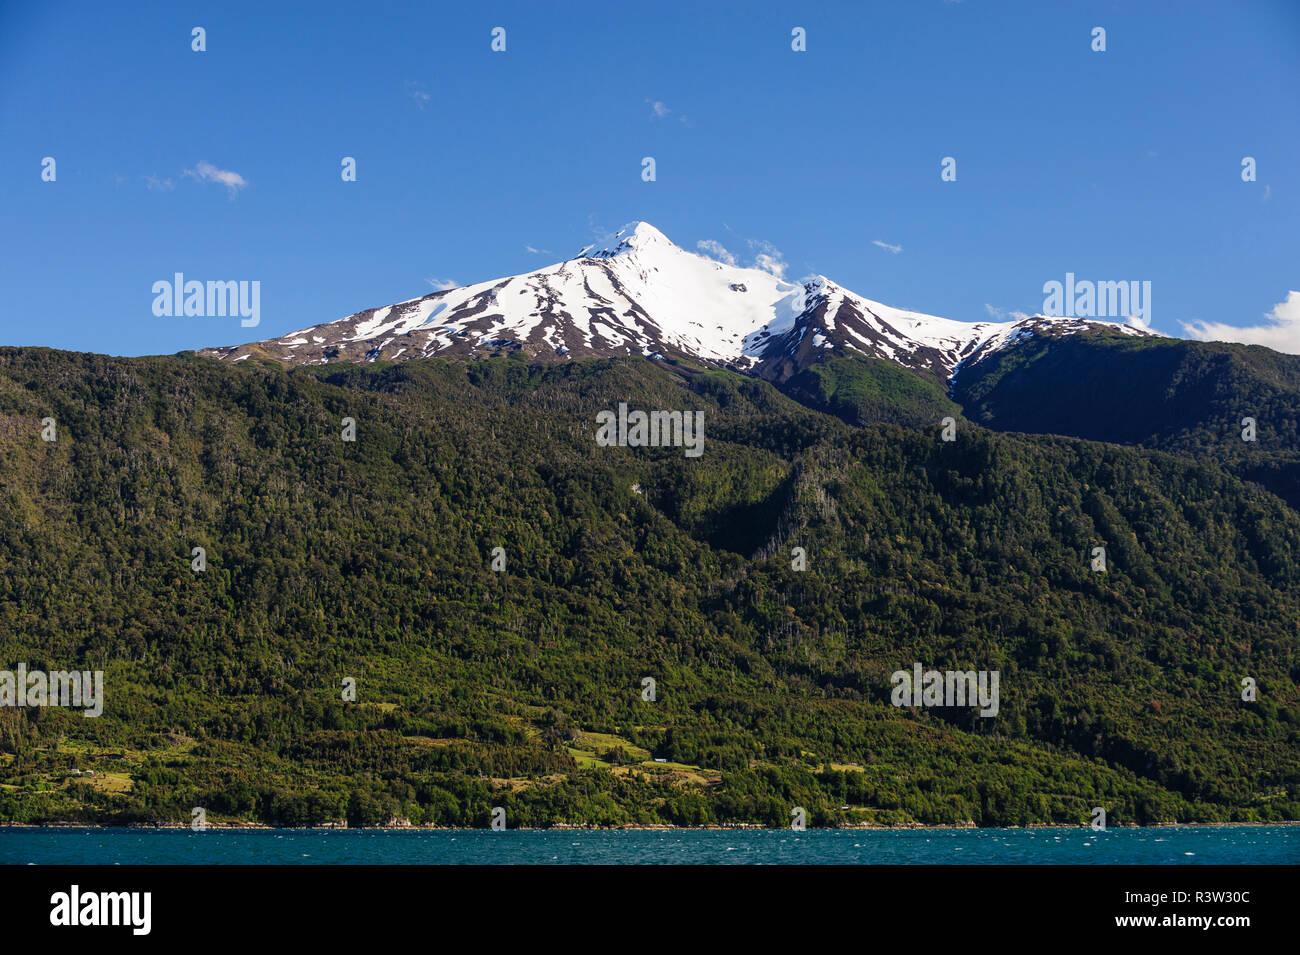 Chile, Patagonia, Lake District. Las pequeñas explotaciones con claros en la selva valdiviana en Seno de Reloncaví. Imagen De Stock